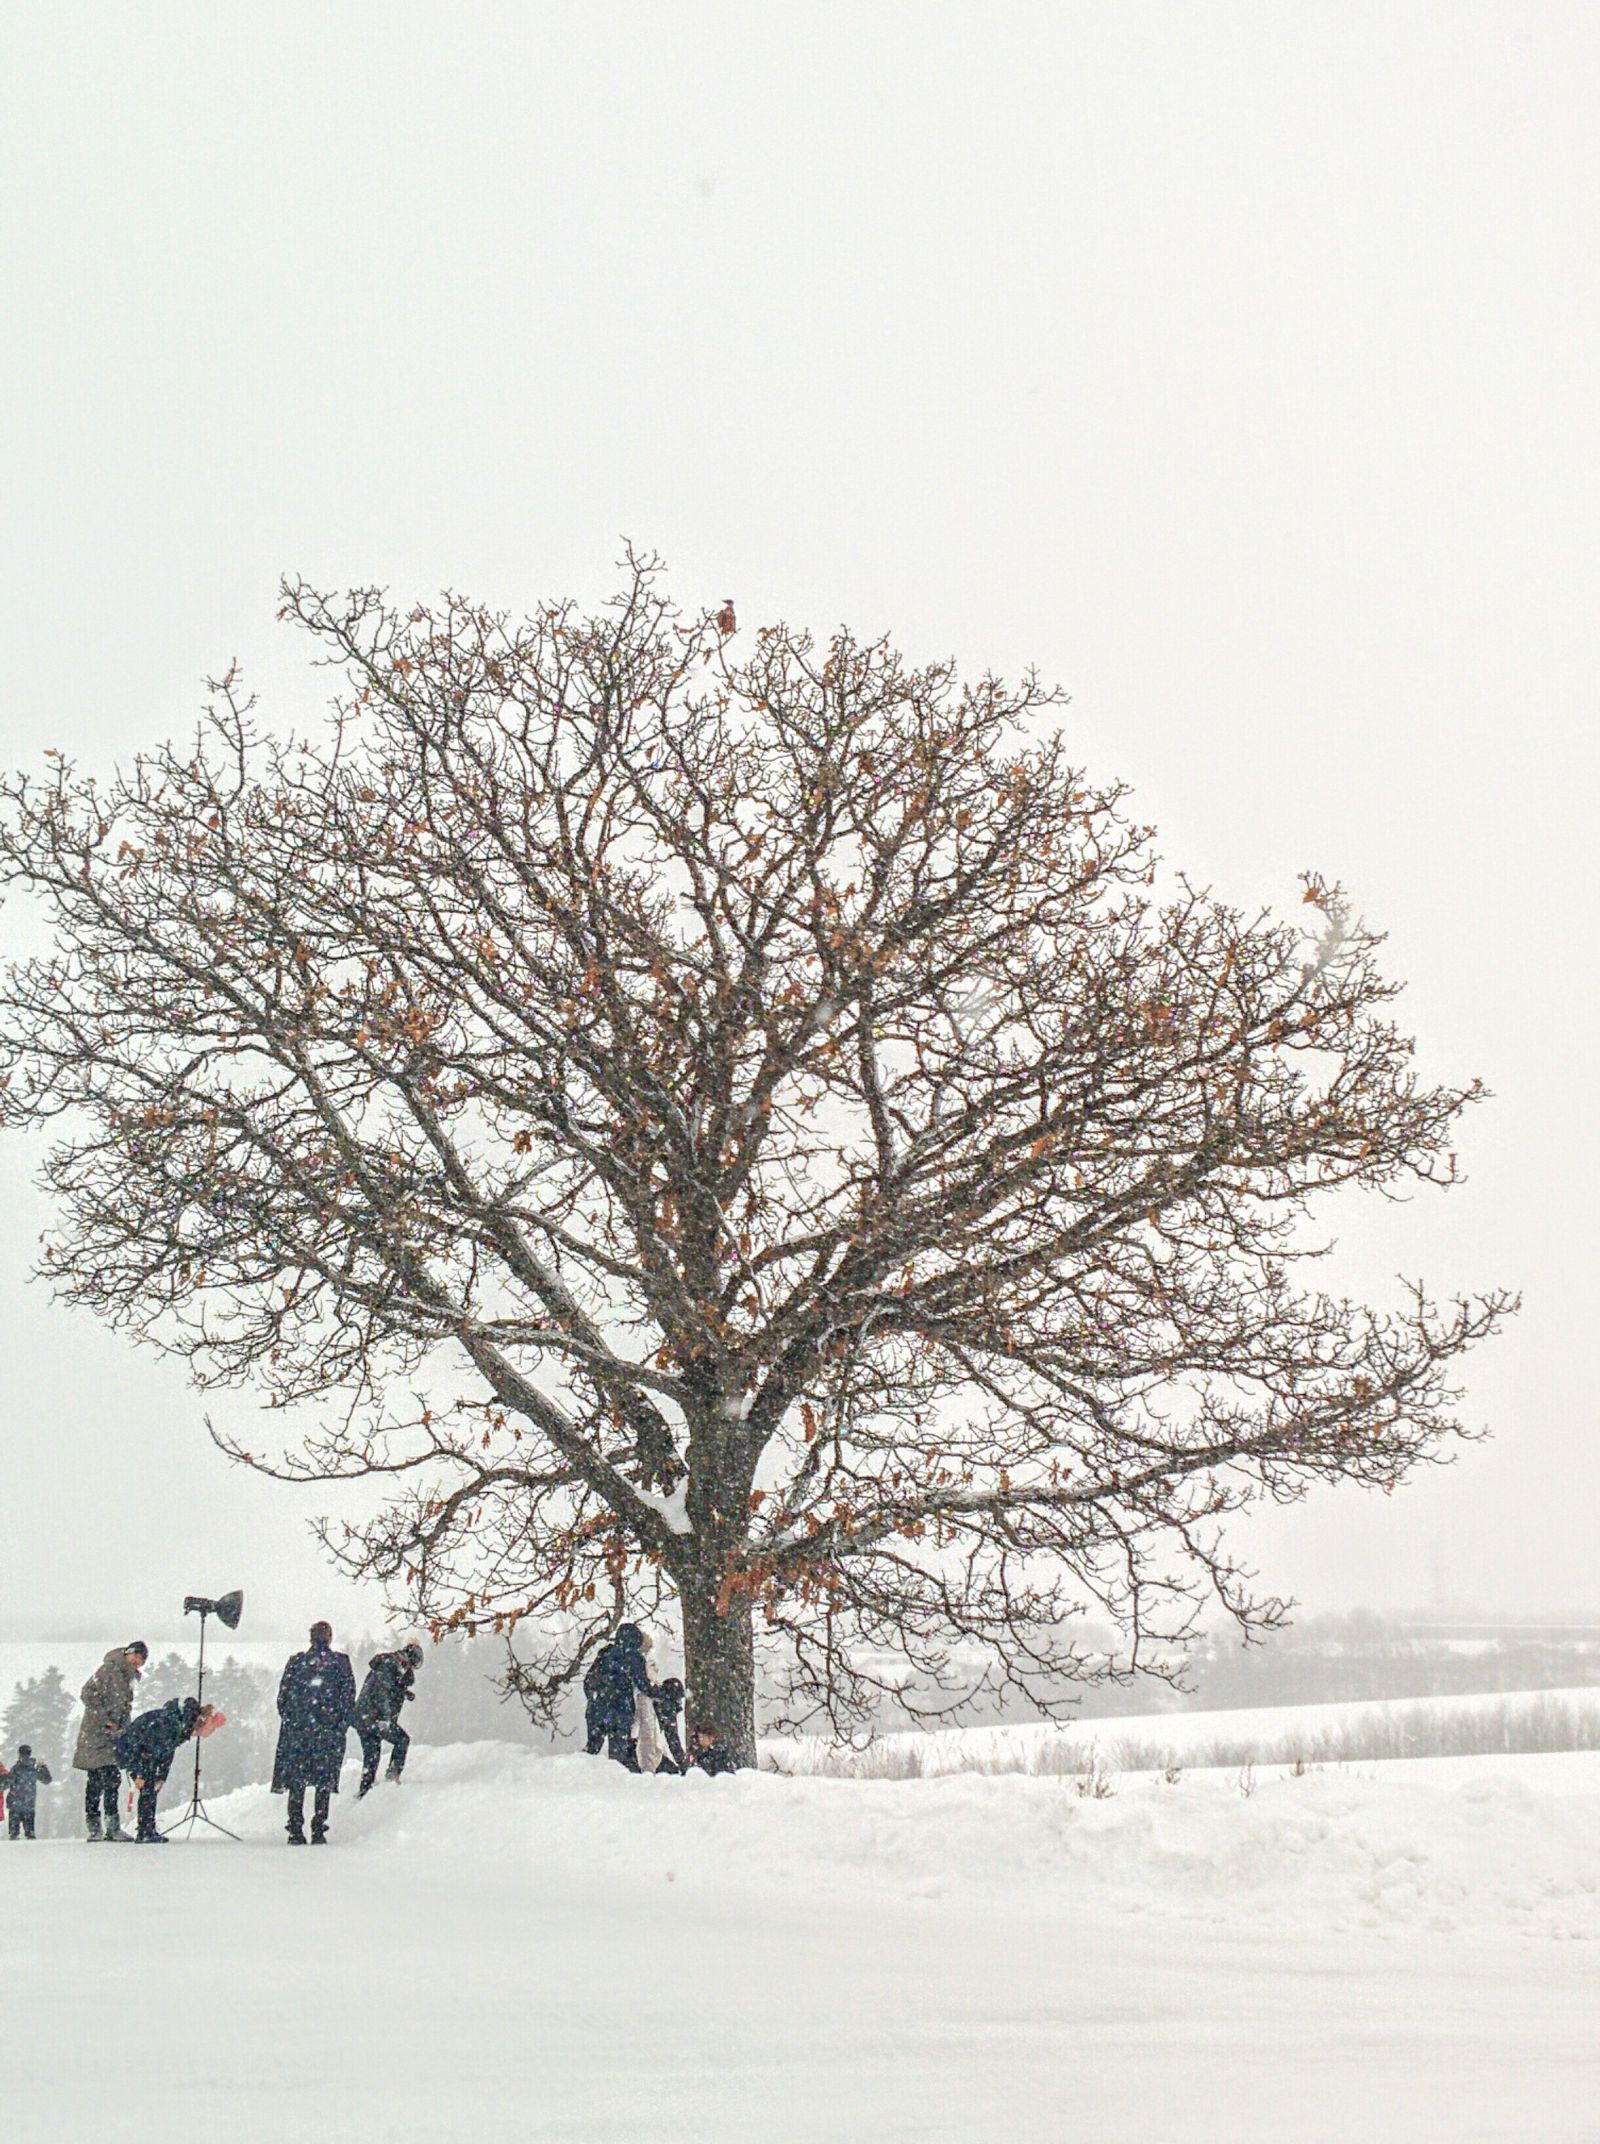 美瑛町冬のセブンスターの木観光タクシーです。